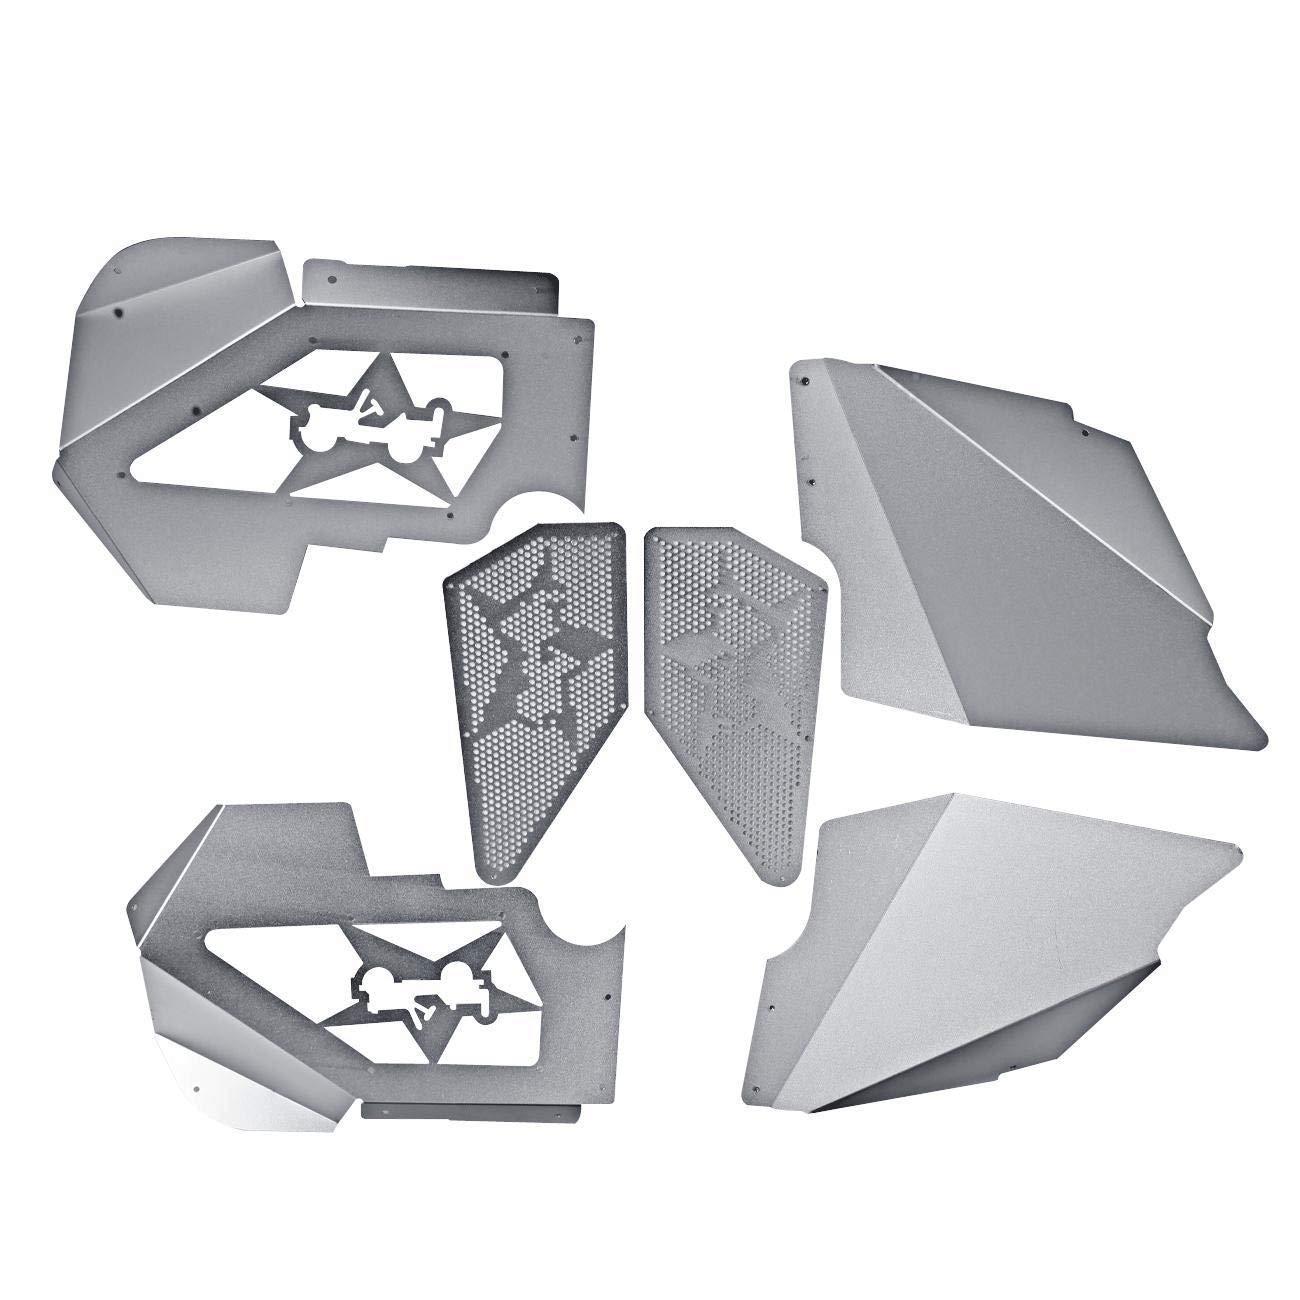 IRONWALLS Inner Fenders JK Front Fender Liners Kit for Jeep Wrangler Silver Aluminum Design JK 2007-2017